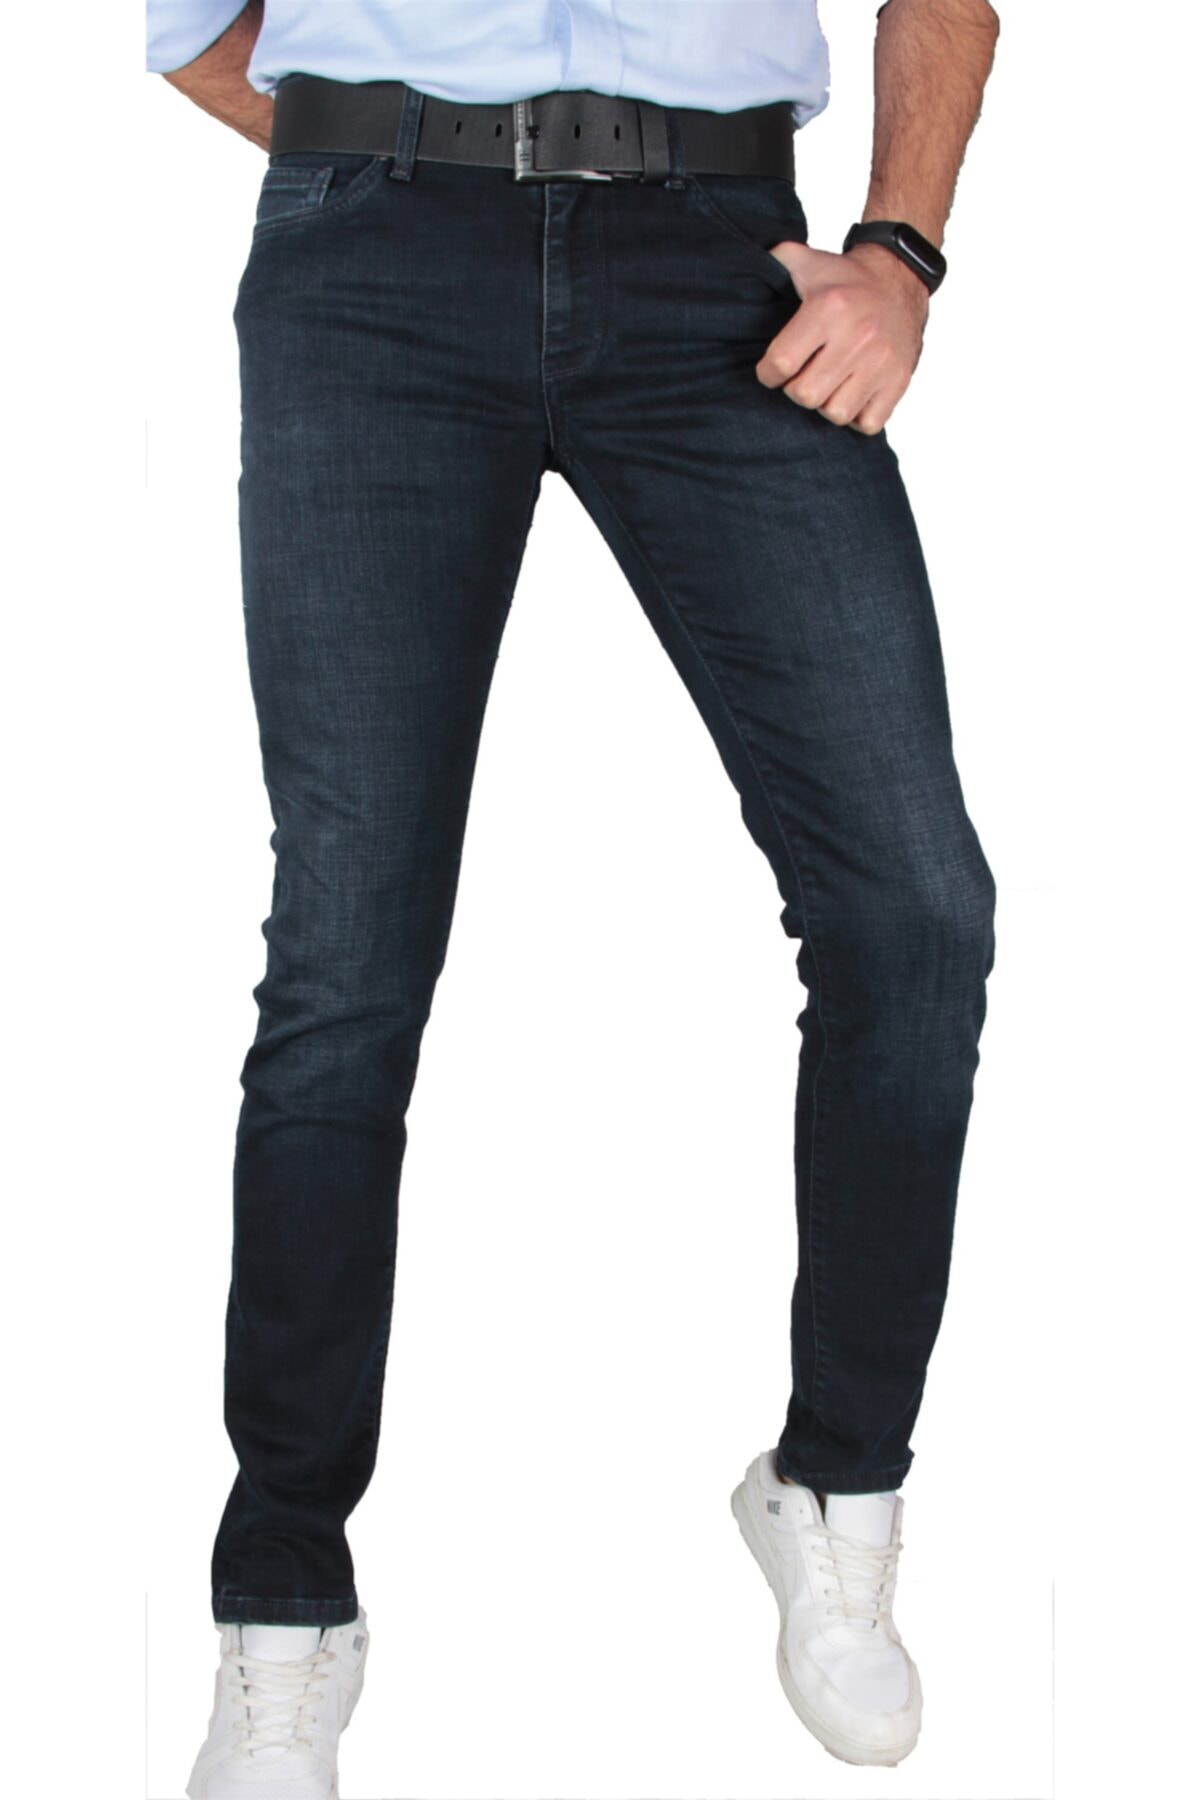 Erkek Likralı Koyu Lacivert Kot Pantolon